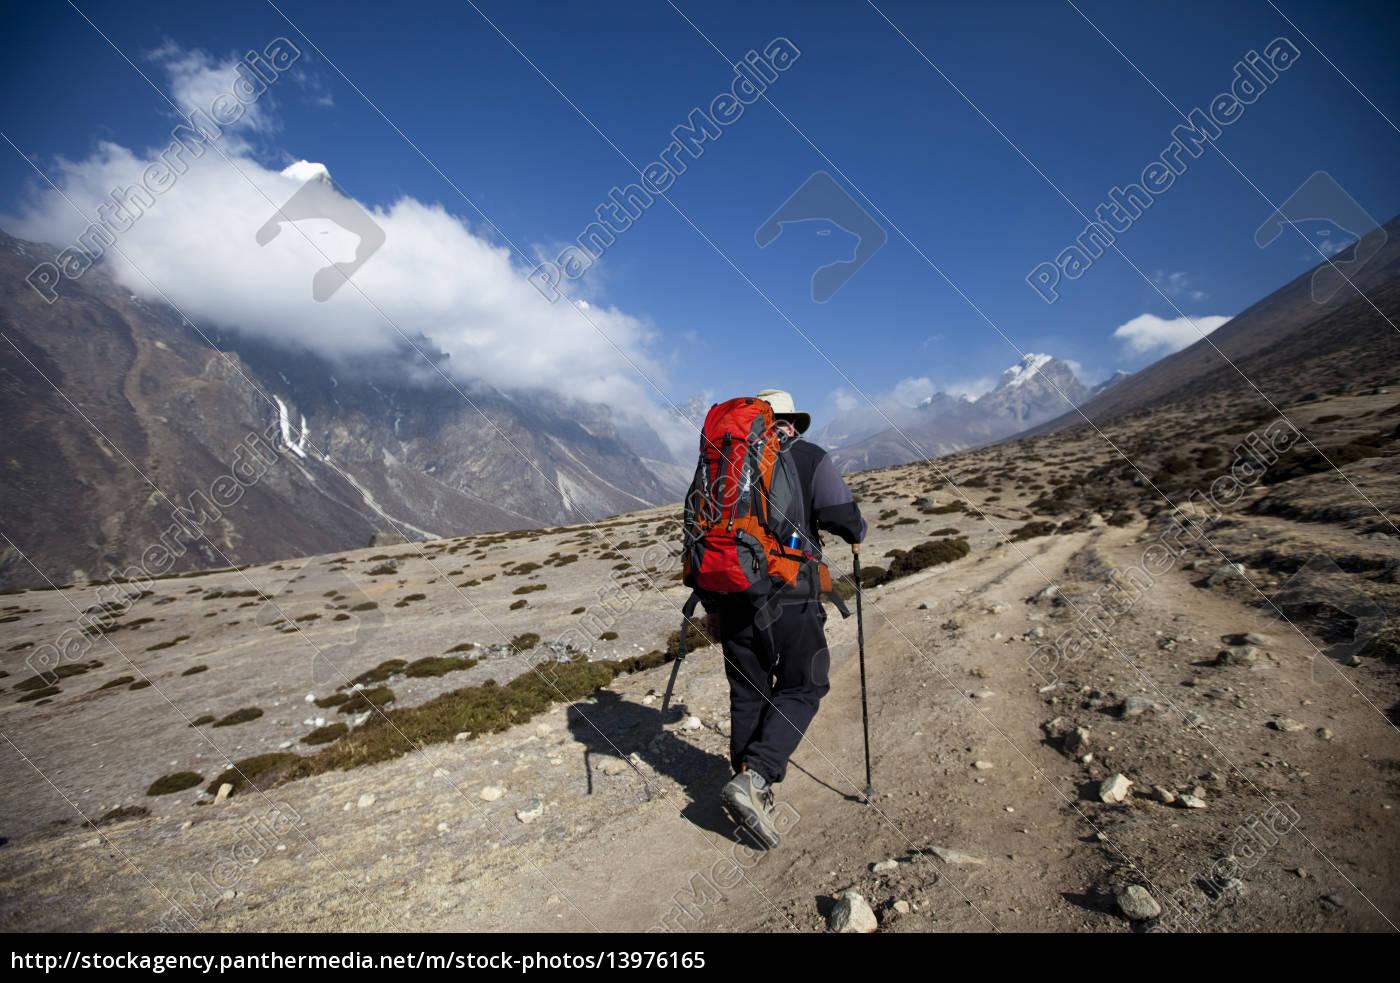 ein, trekker, wanderungen, zu, den, bergen - 13976165